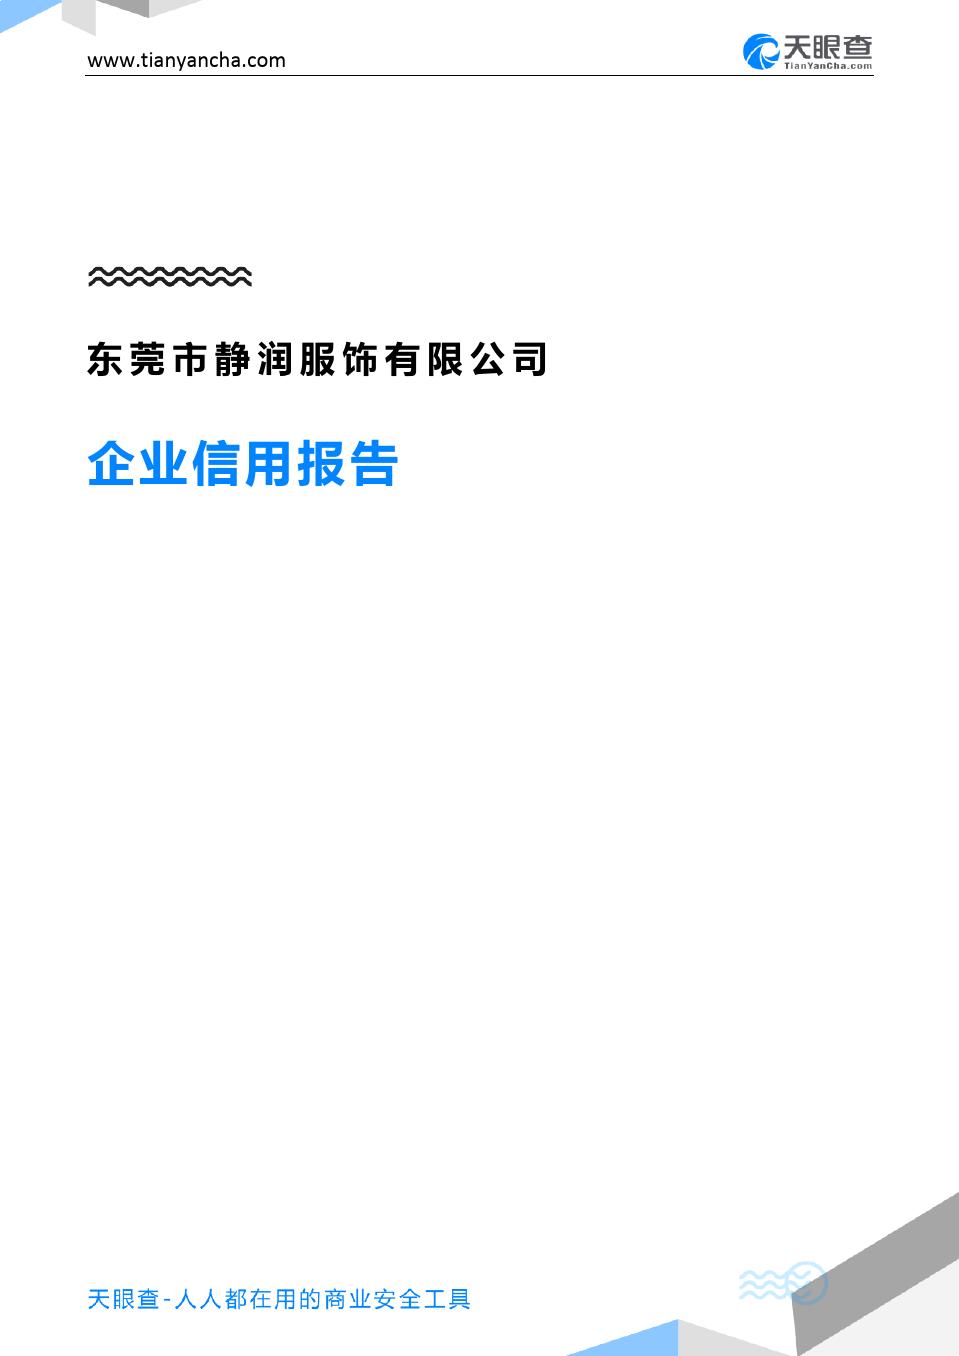 东莞市静润服饰有限公司(企业信用报告)- 天眼查